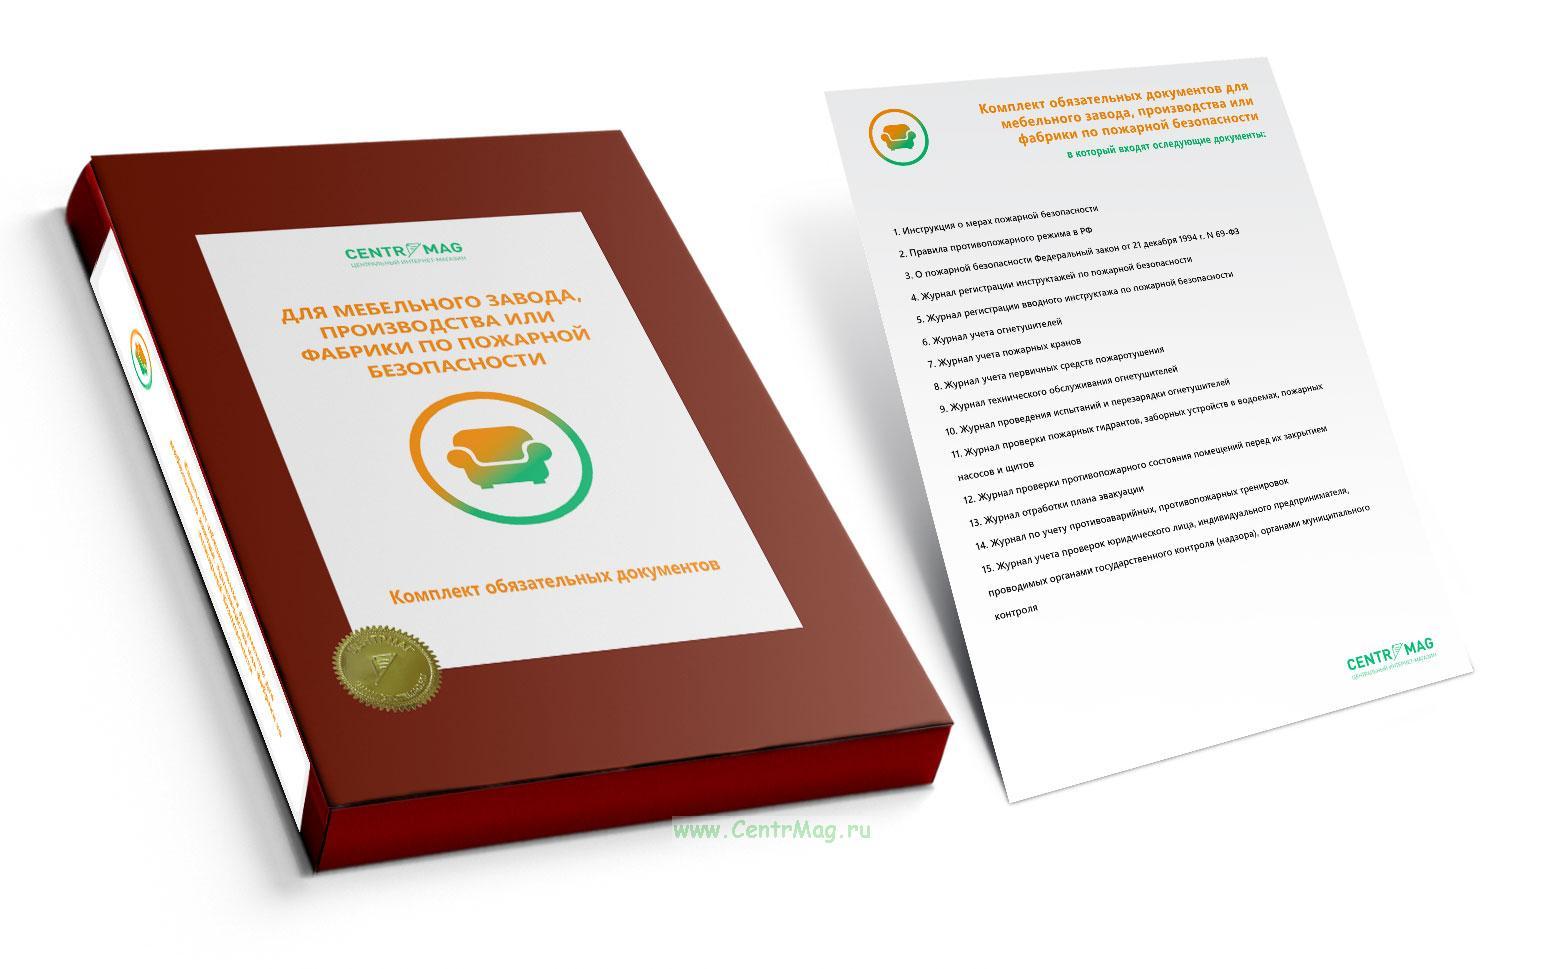 Комплект обязательных документов для мебельного завода, производства или фабрики по пожарной безопасности